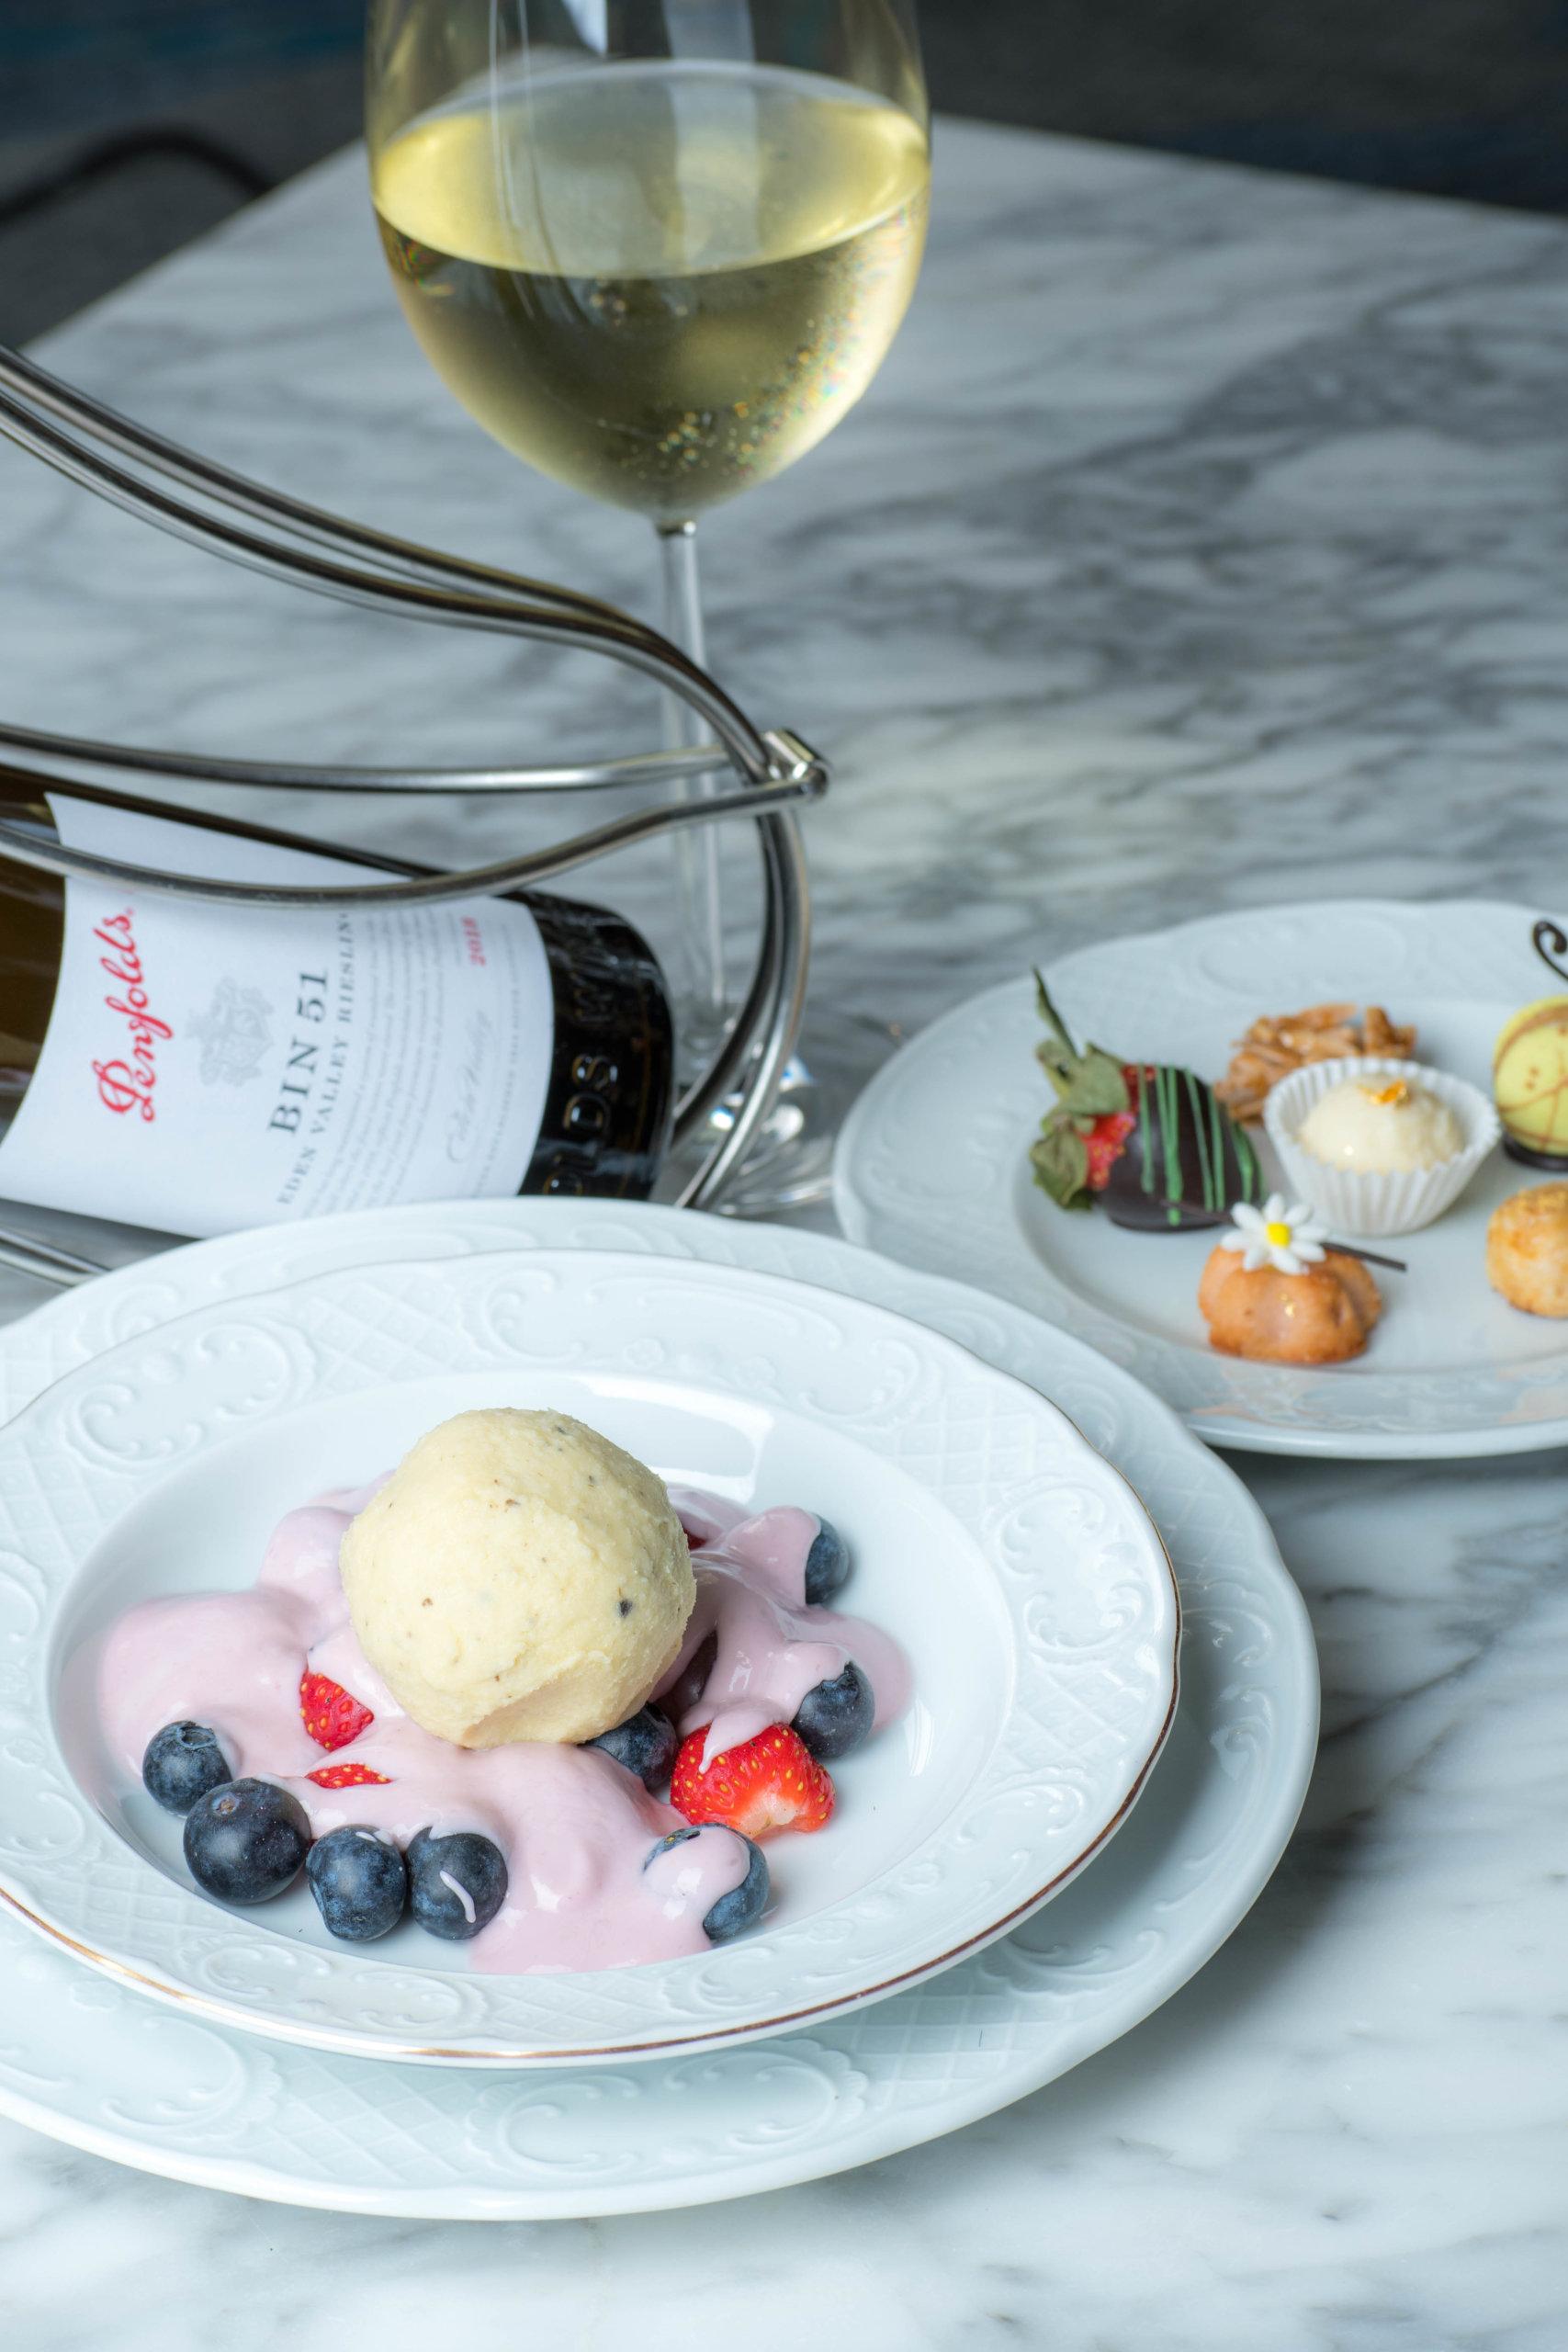 「義國甜蜜回憶」甜美的莓果滿載著意大利托斯卡納陽光的滋味,加上充滿奶香的香草冰淇淋, 綴以一抹手工波本威士忌的辛辣。